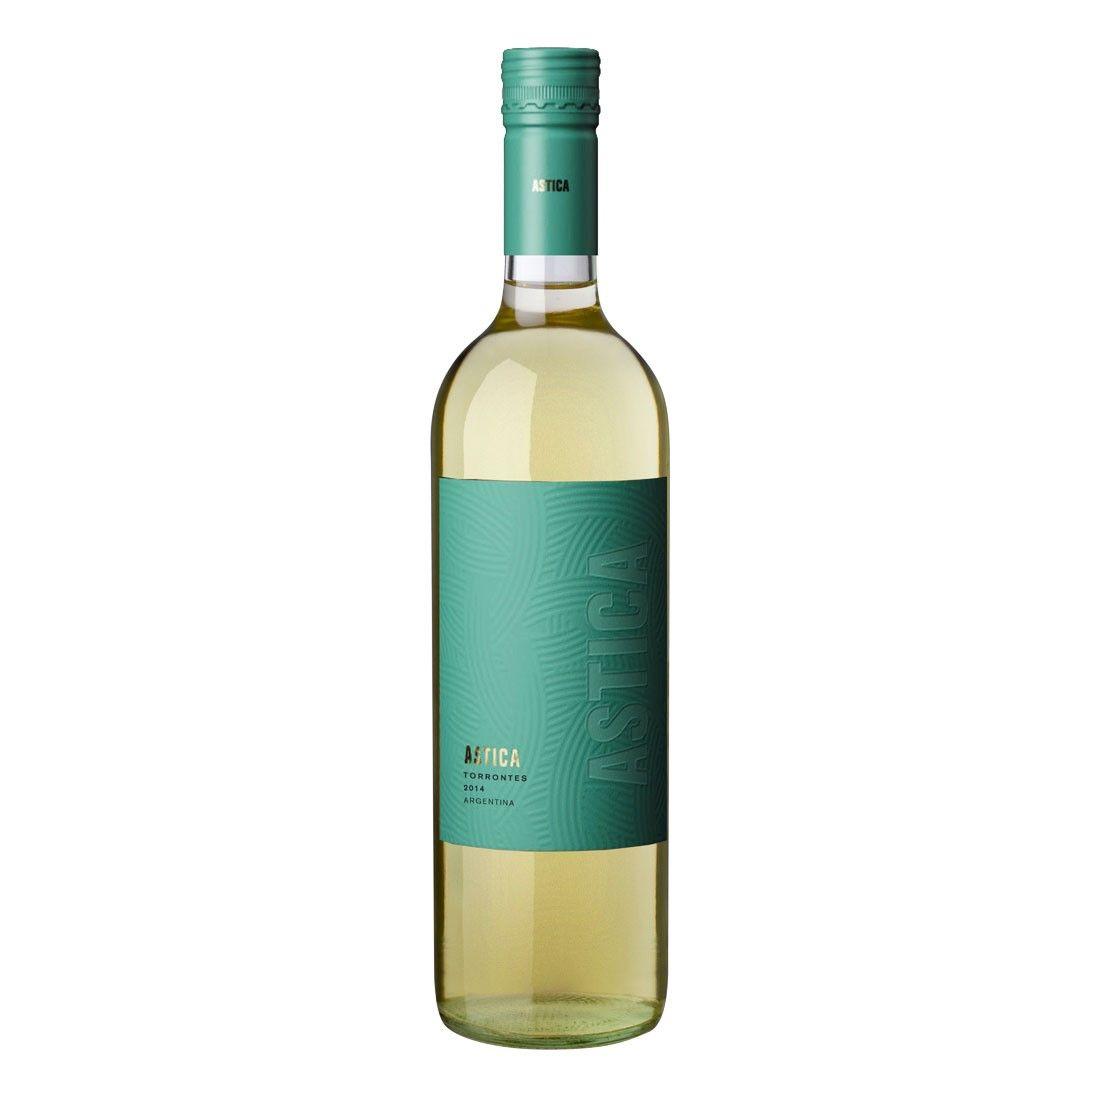 Vinho Trapiche Astica Torrontes  750ml